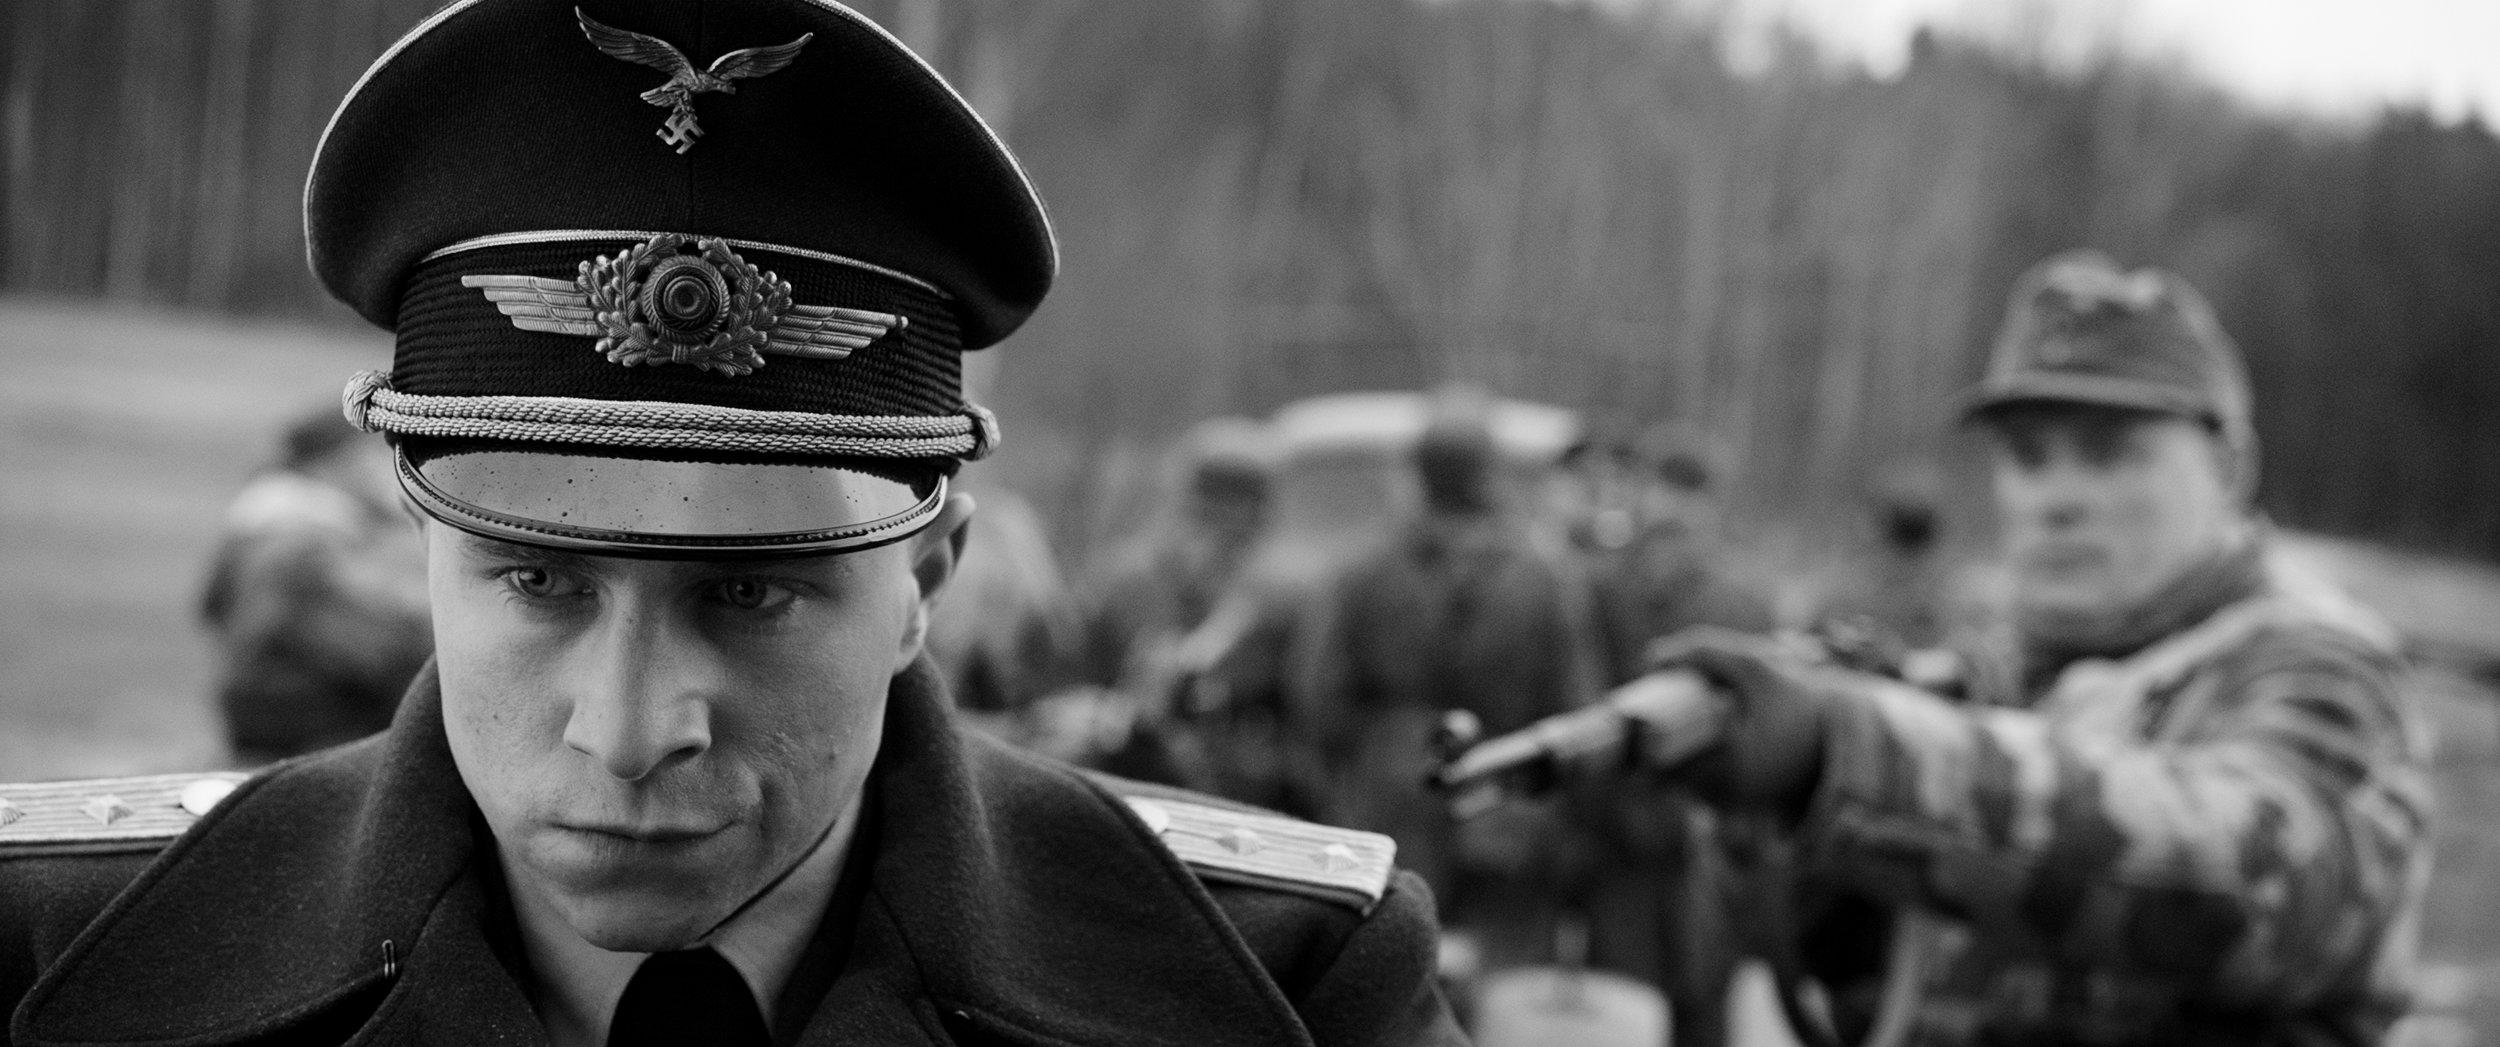 Militære som støter på desertøren Willy Herold (Max Hubacher), lar seg raskt lure. Kapteinsuniformen han har tatt på seg, gir ham et nytt utseende og en ny autoritet. (Foto: Many More Films)